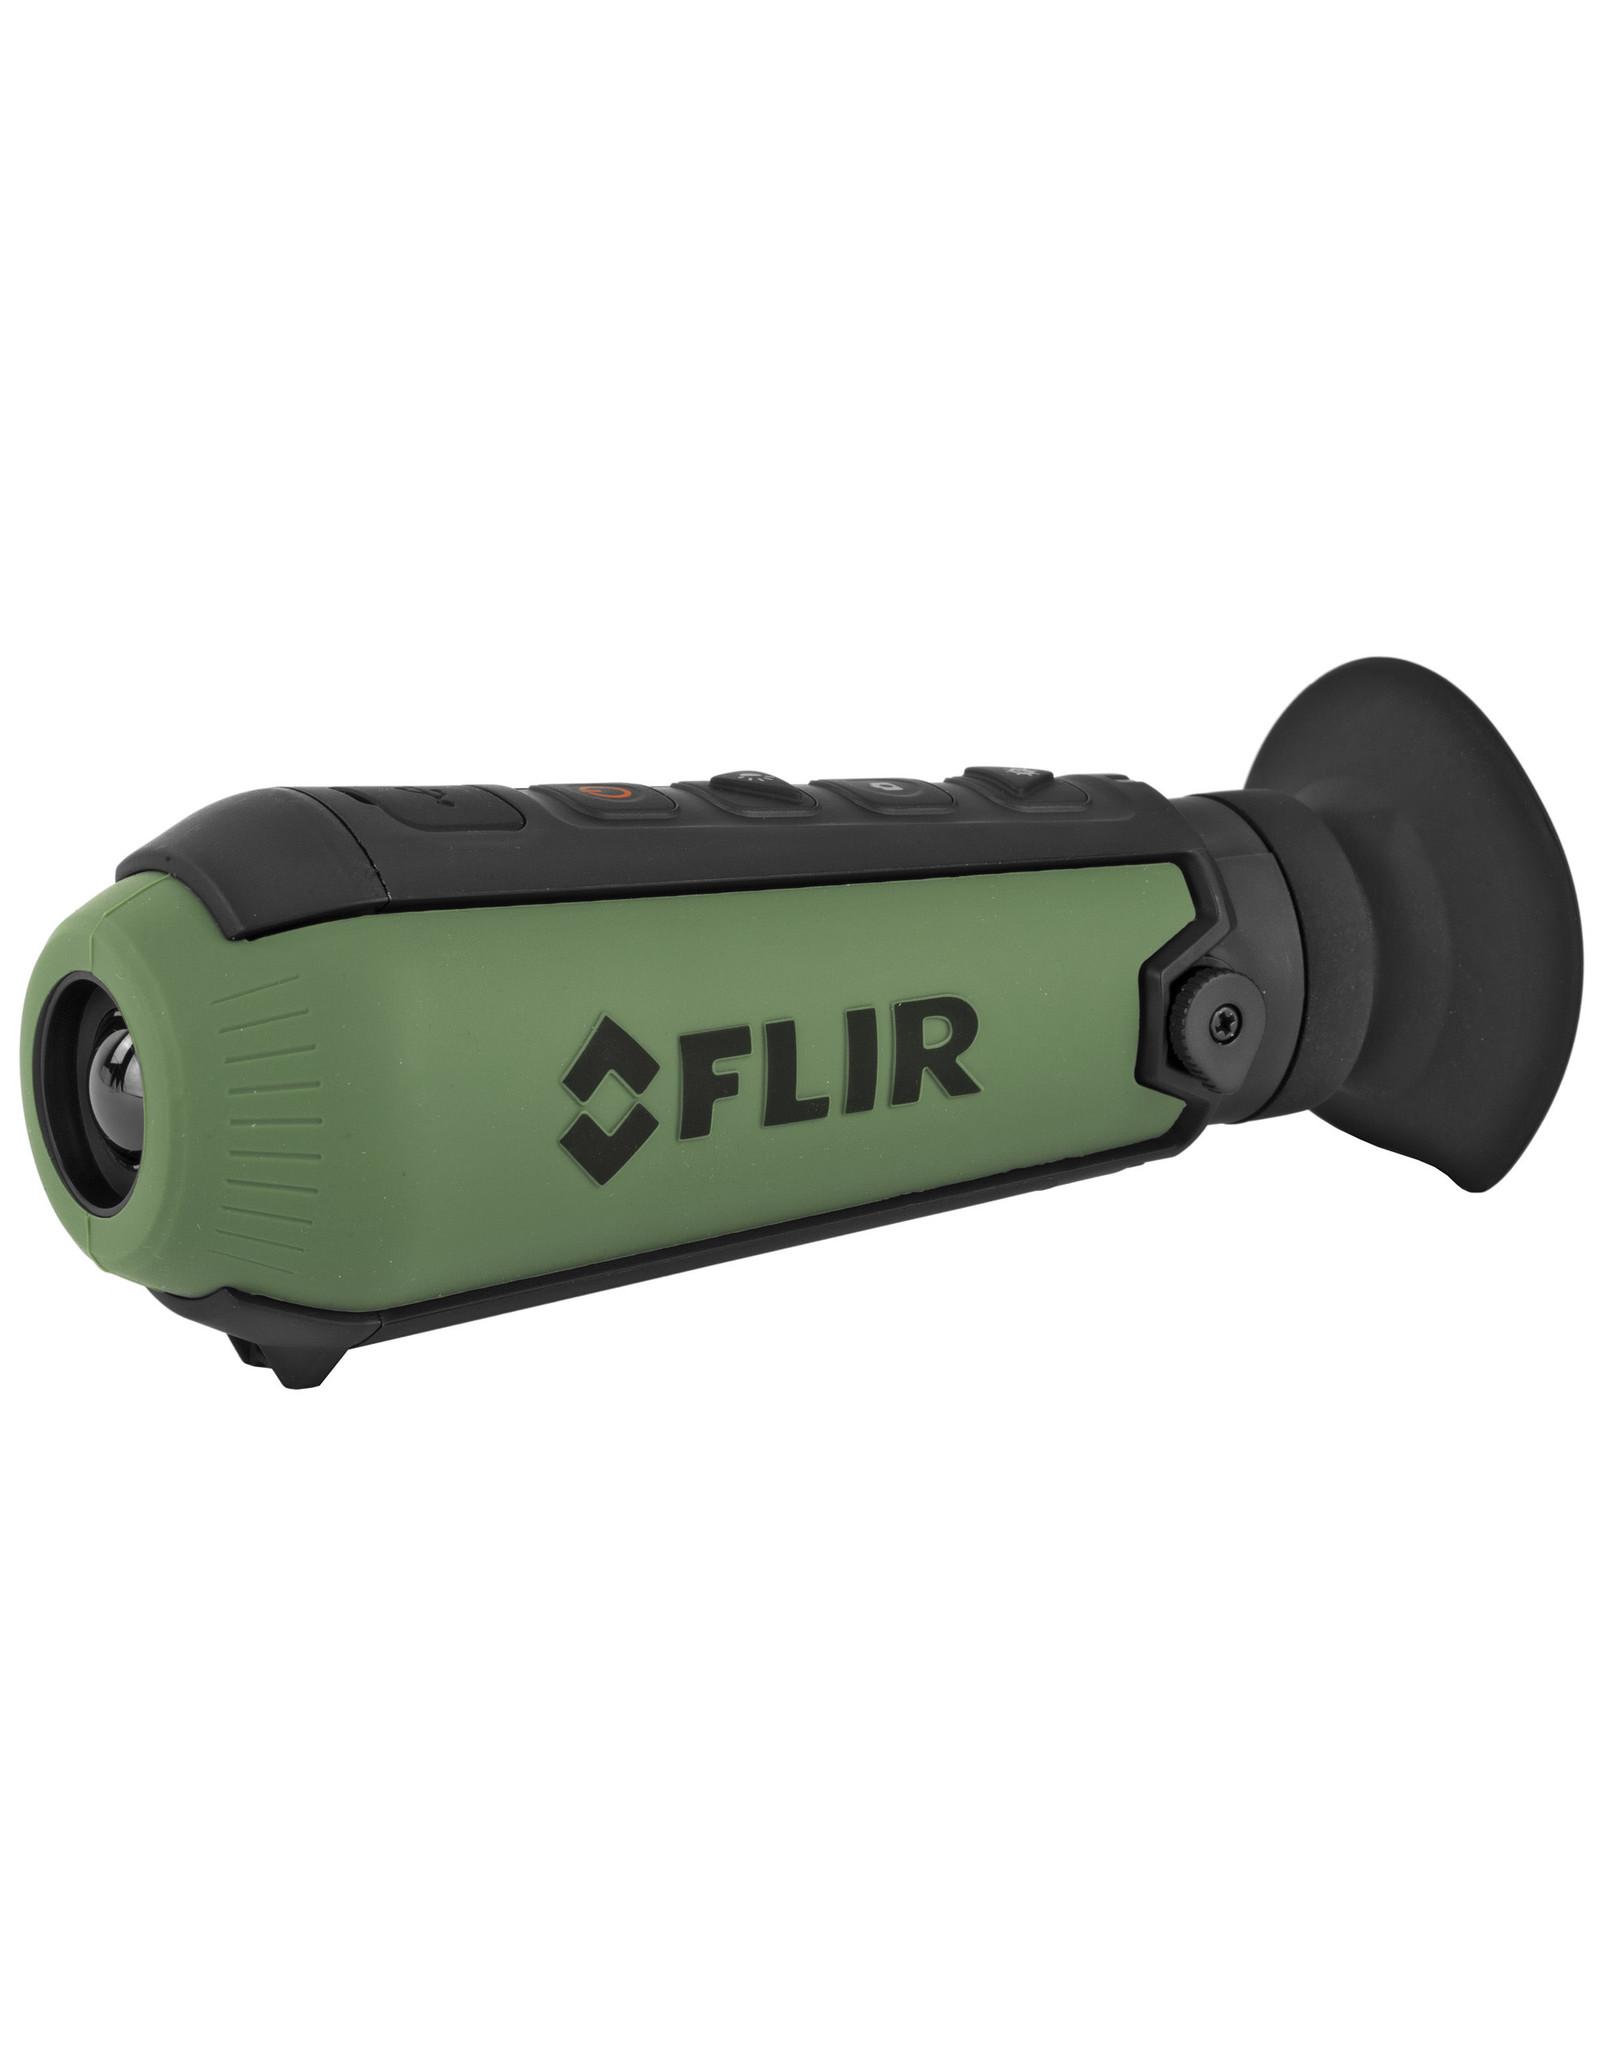 FLIR FLIR - Scout TK Thermal Monocular 160x120